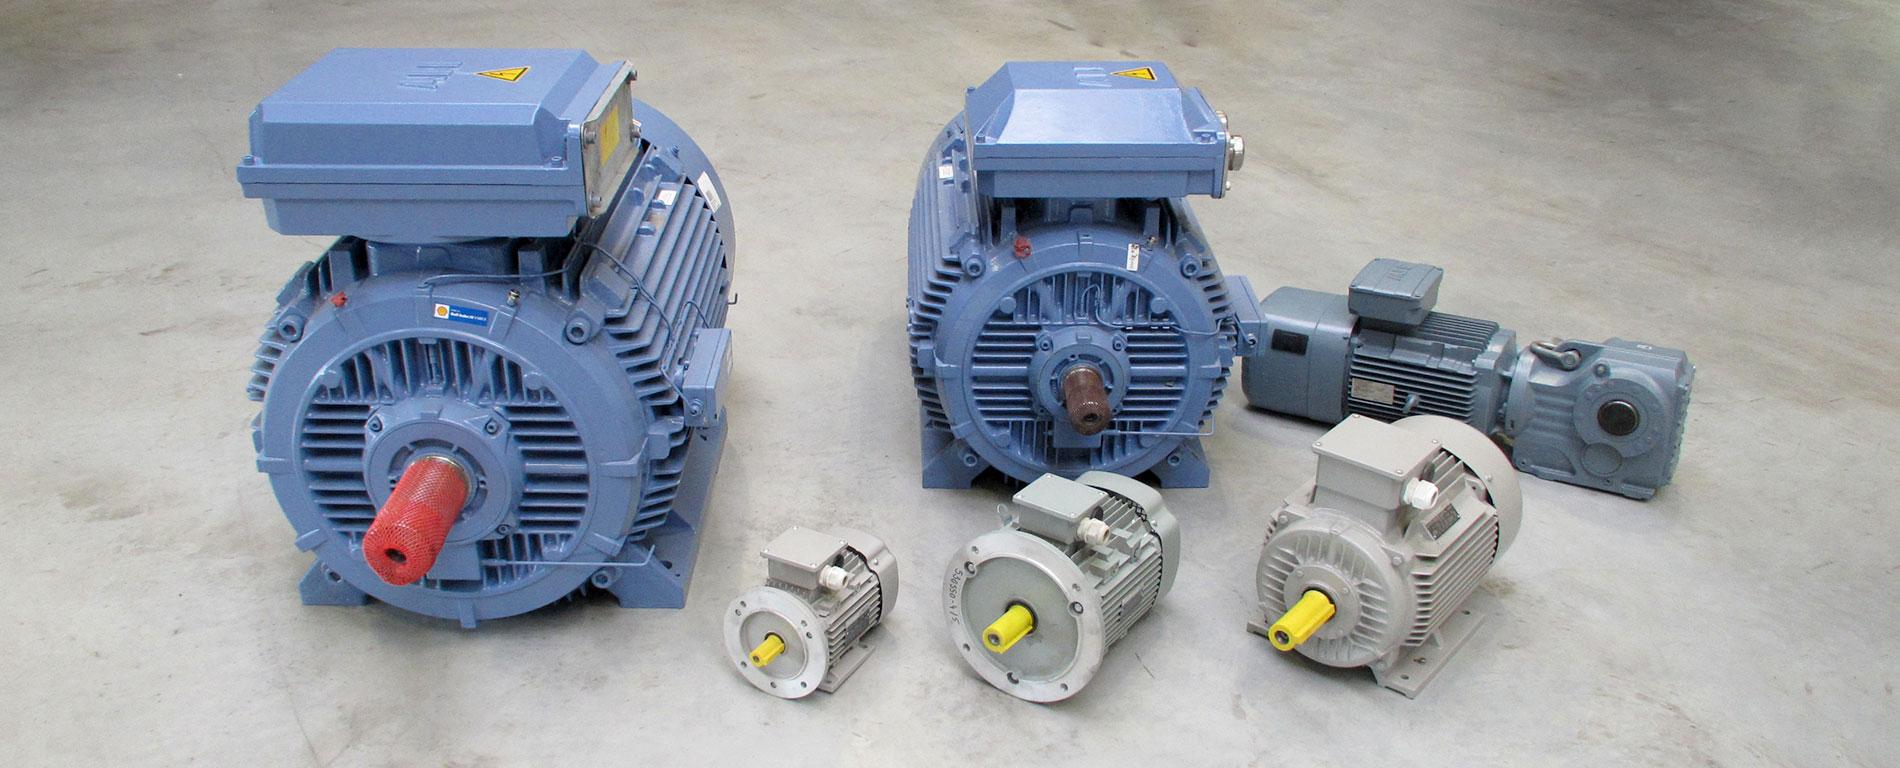 Elektromotoren in verschiedenen Größen